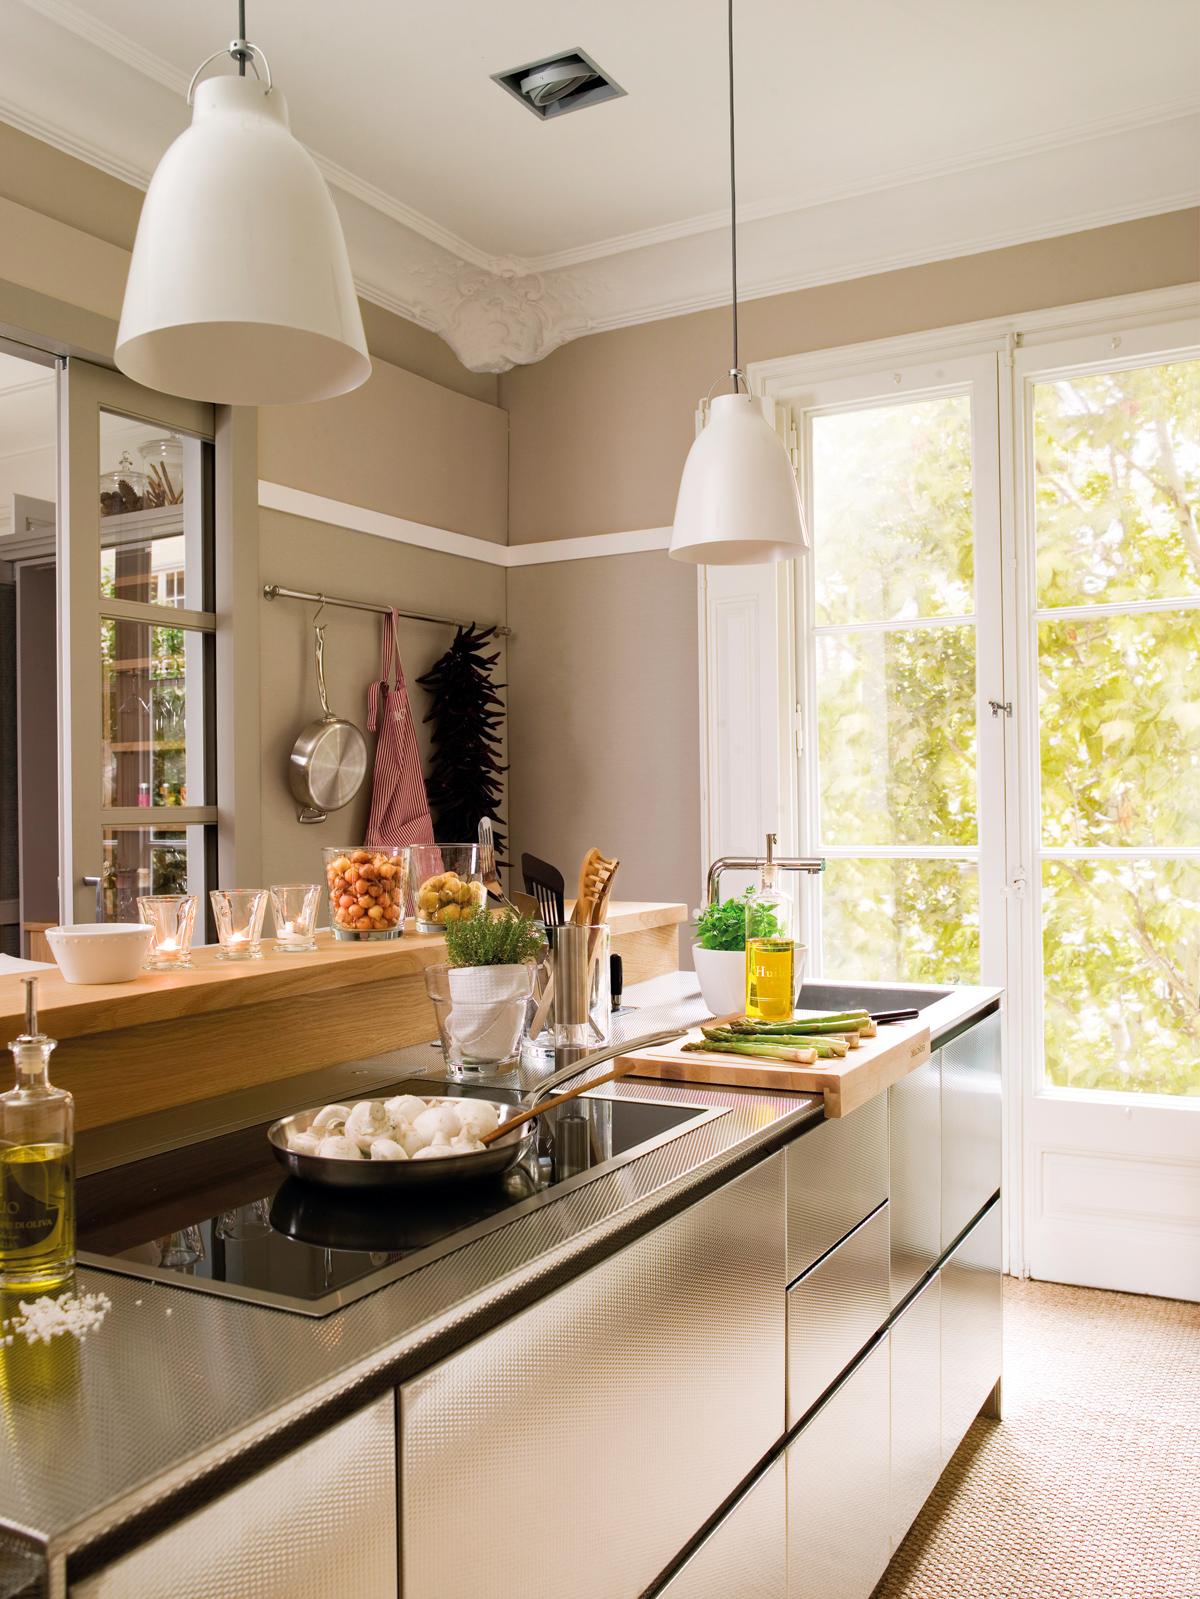 Como hacer una isla de cocina elegant las islas de cocina - Como hacer una isla de cocina ...